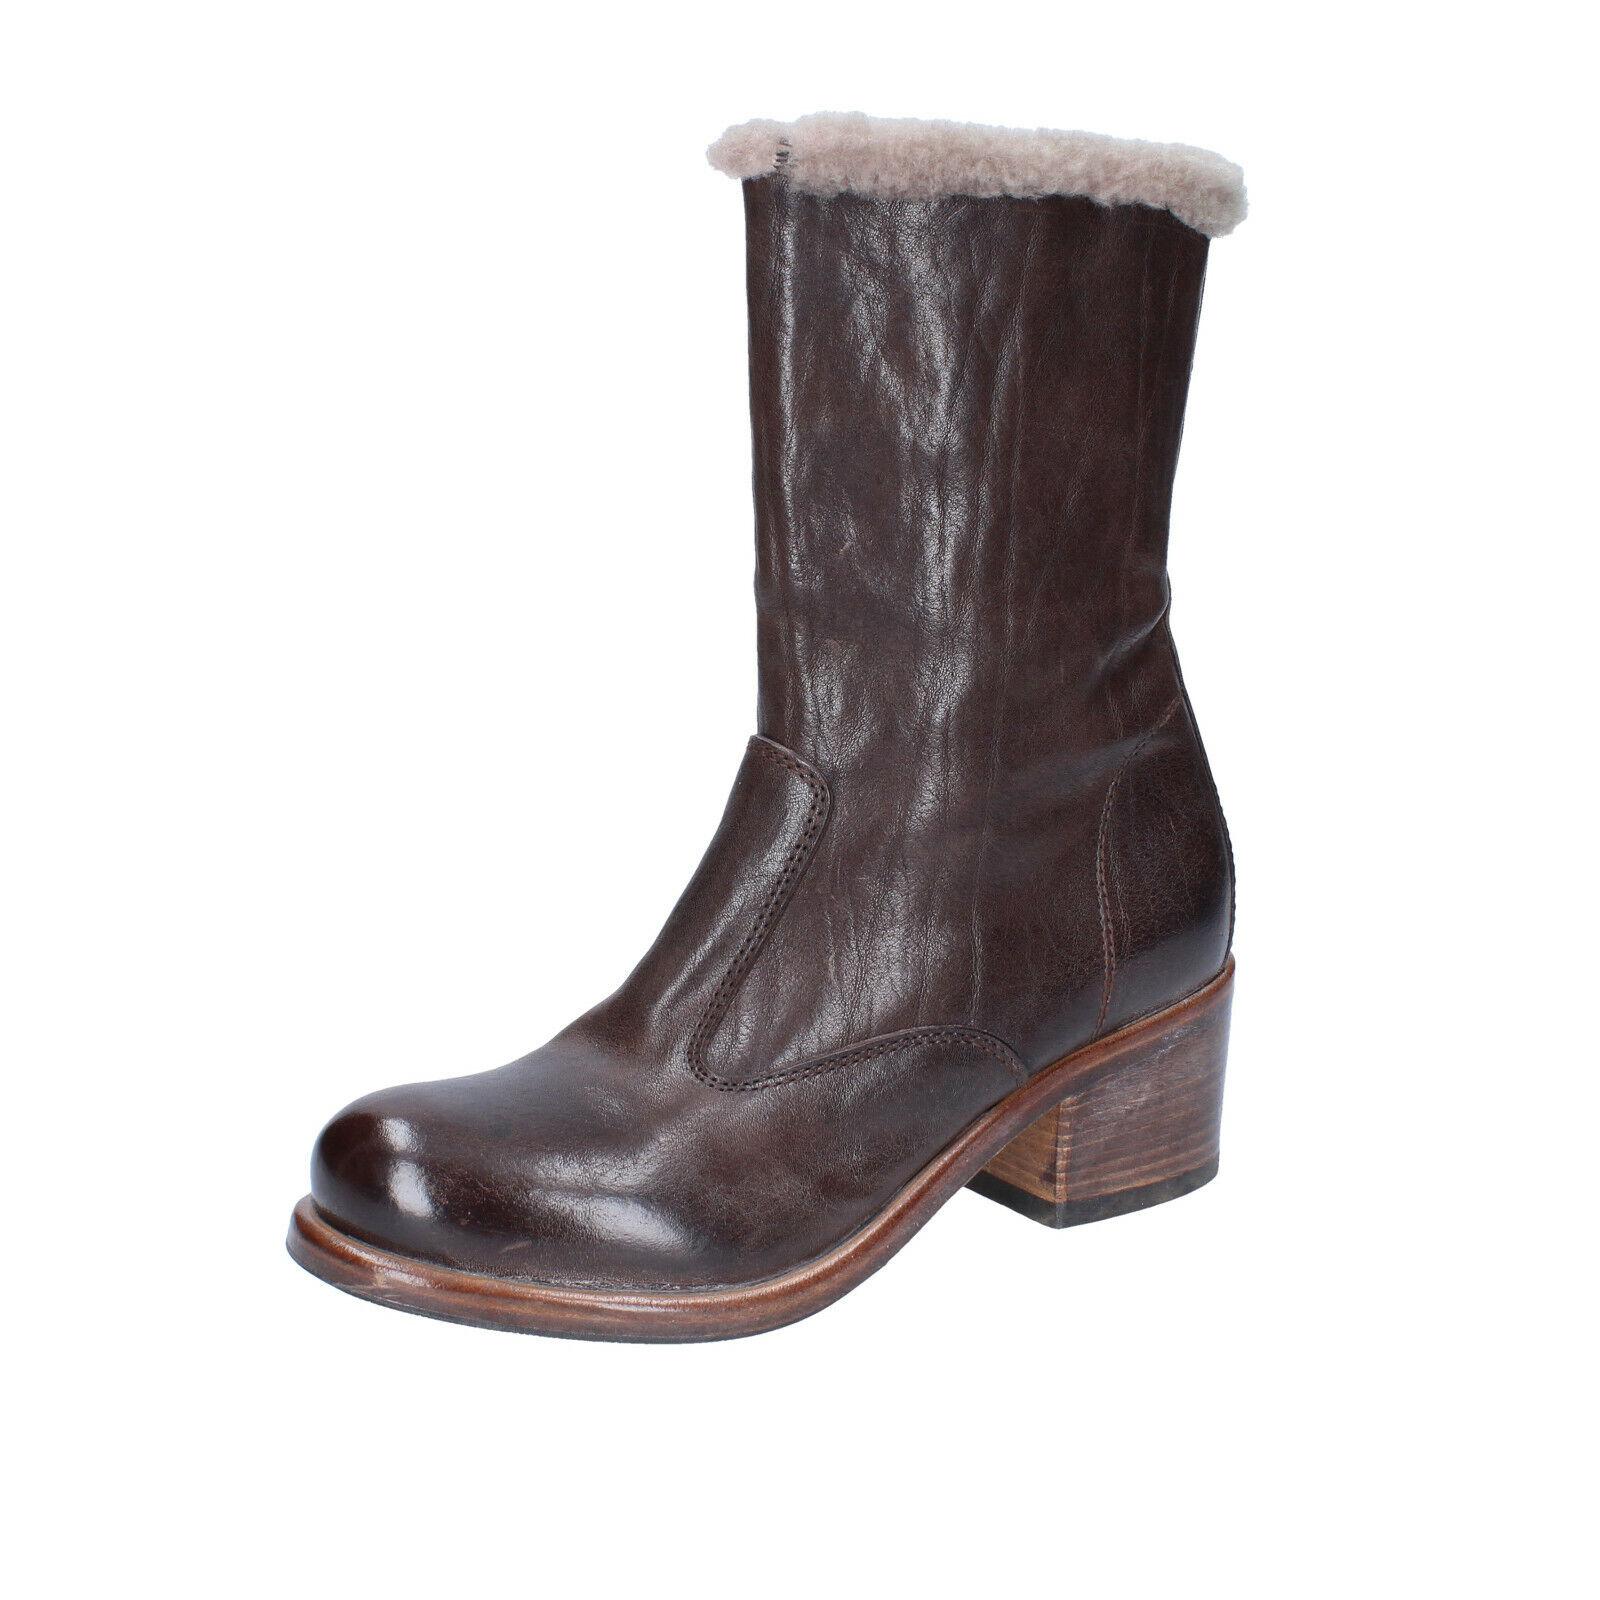 prodotti creativi Scarpe Scarpe Scarpe donna MOMA 37 EU stivaletti Marronee pelle BS432-37  sconto prezzo basso